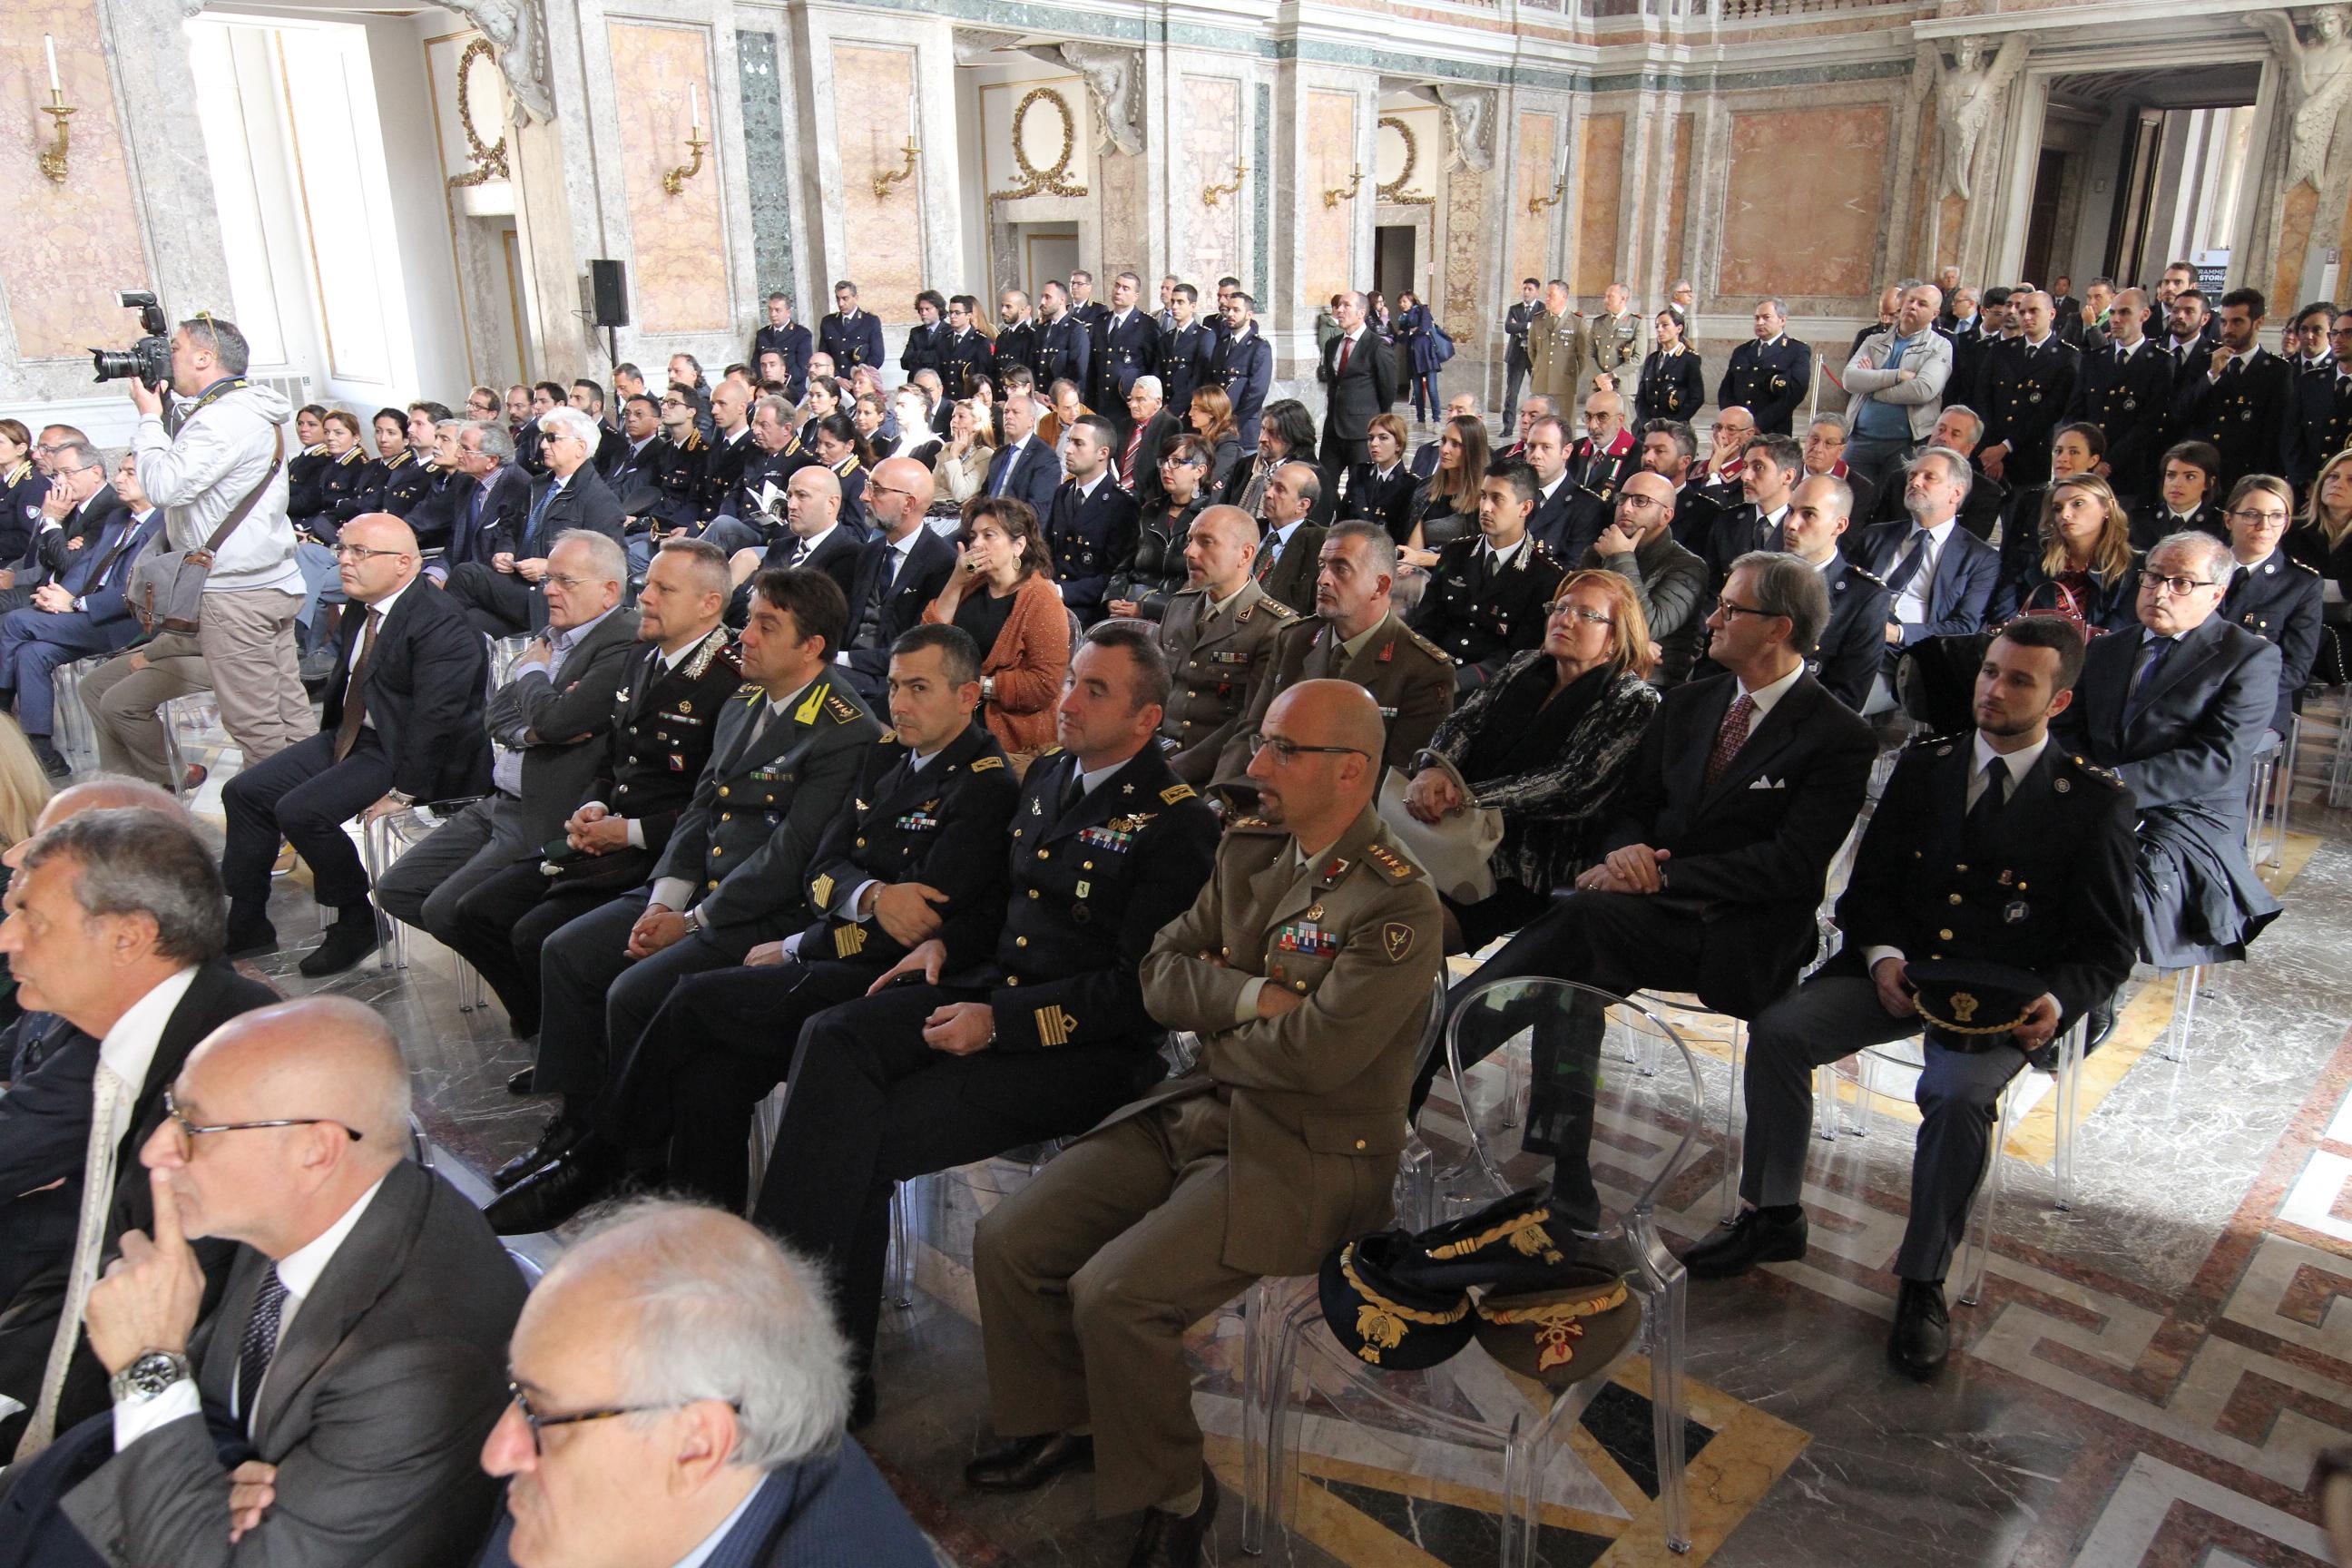 GFCG3589 FRAMMENTI DI STORIA: INAUGURATA ALLA REGGIA LA MOSTRA FOTOGRAFICA DELLA POLIZIA SCIENTIFICA. LE INTERVISTE